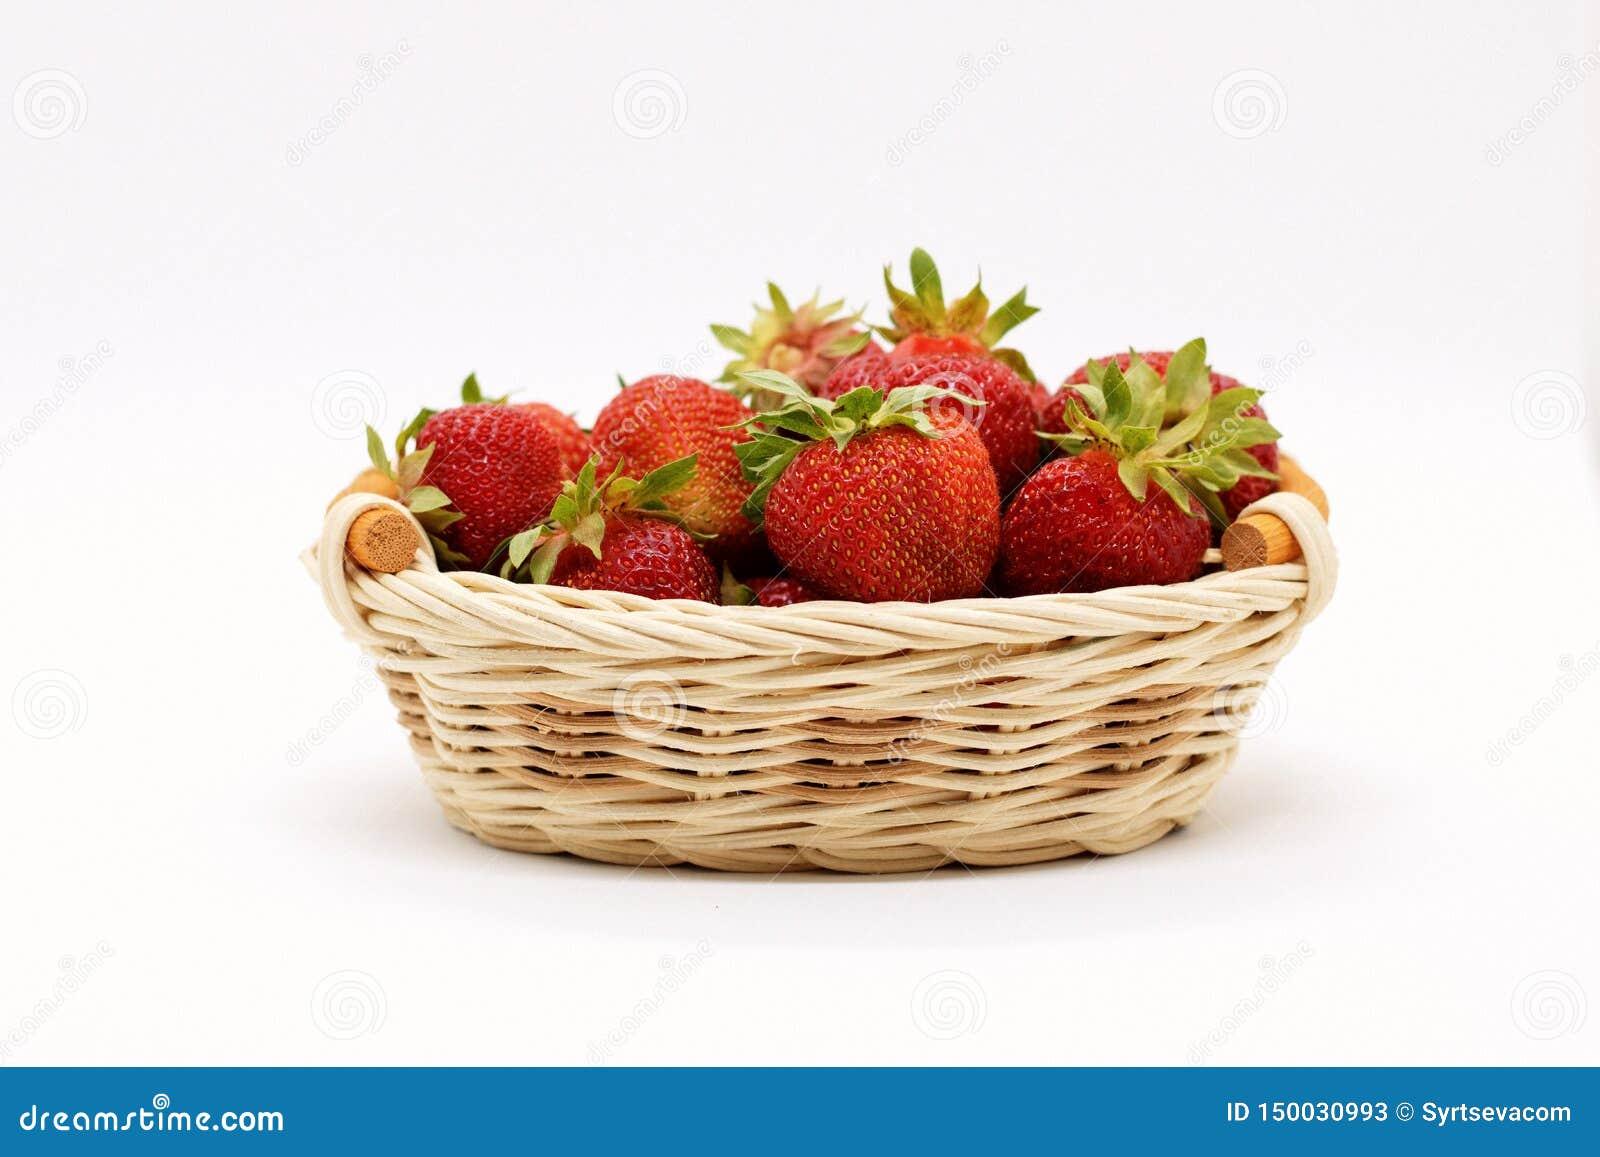 Composição de morangos maduras em um fundo branco em uma cesta de vime